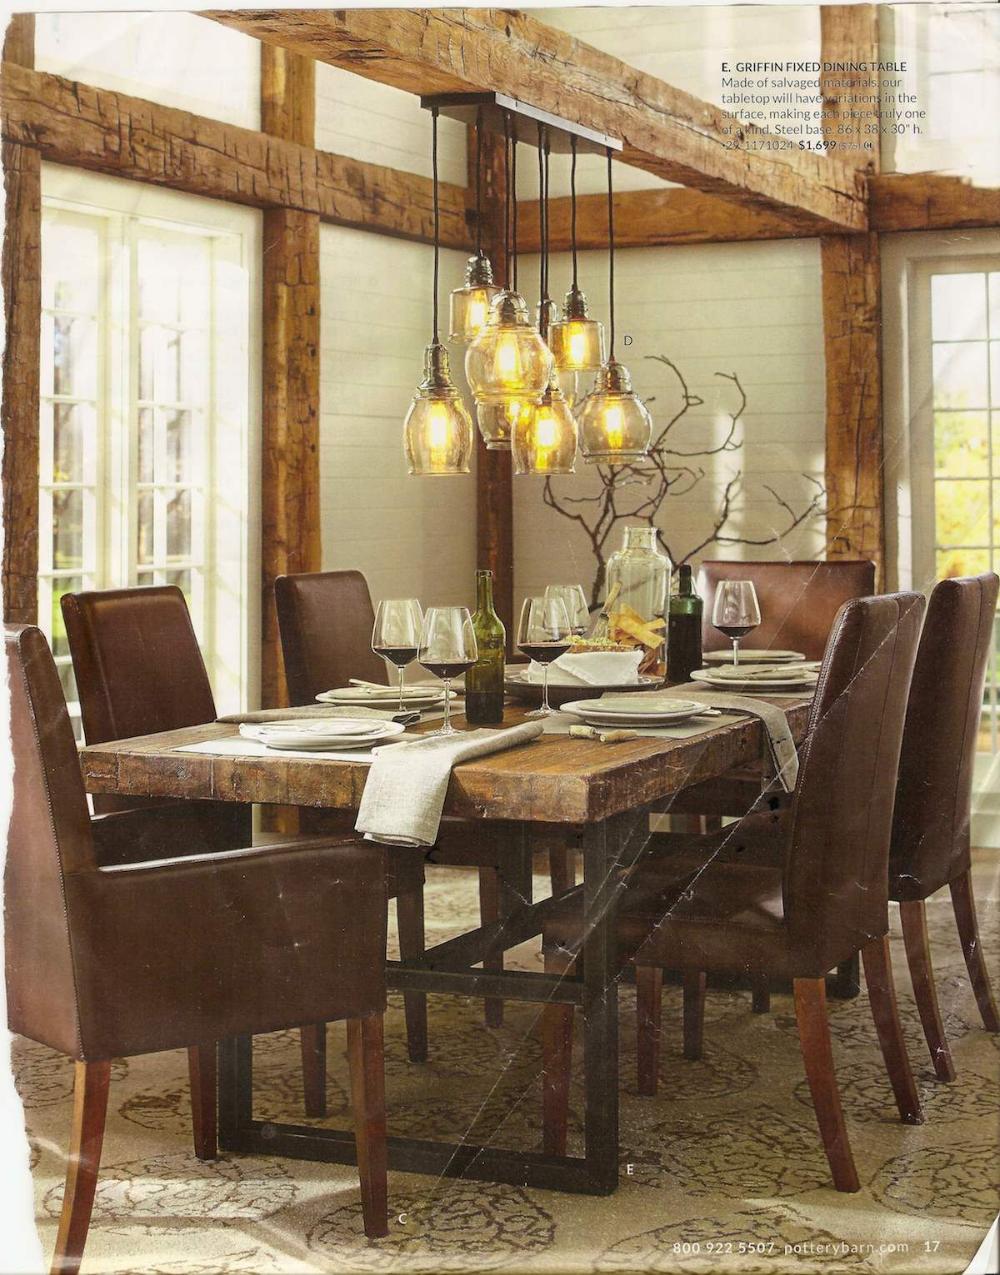 pottery barn dining room lighting in 2020   Dining room ...